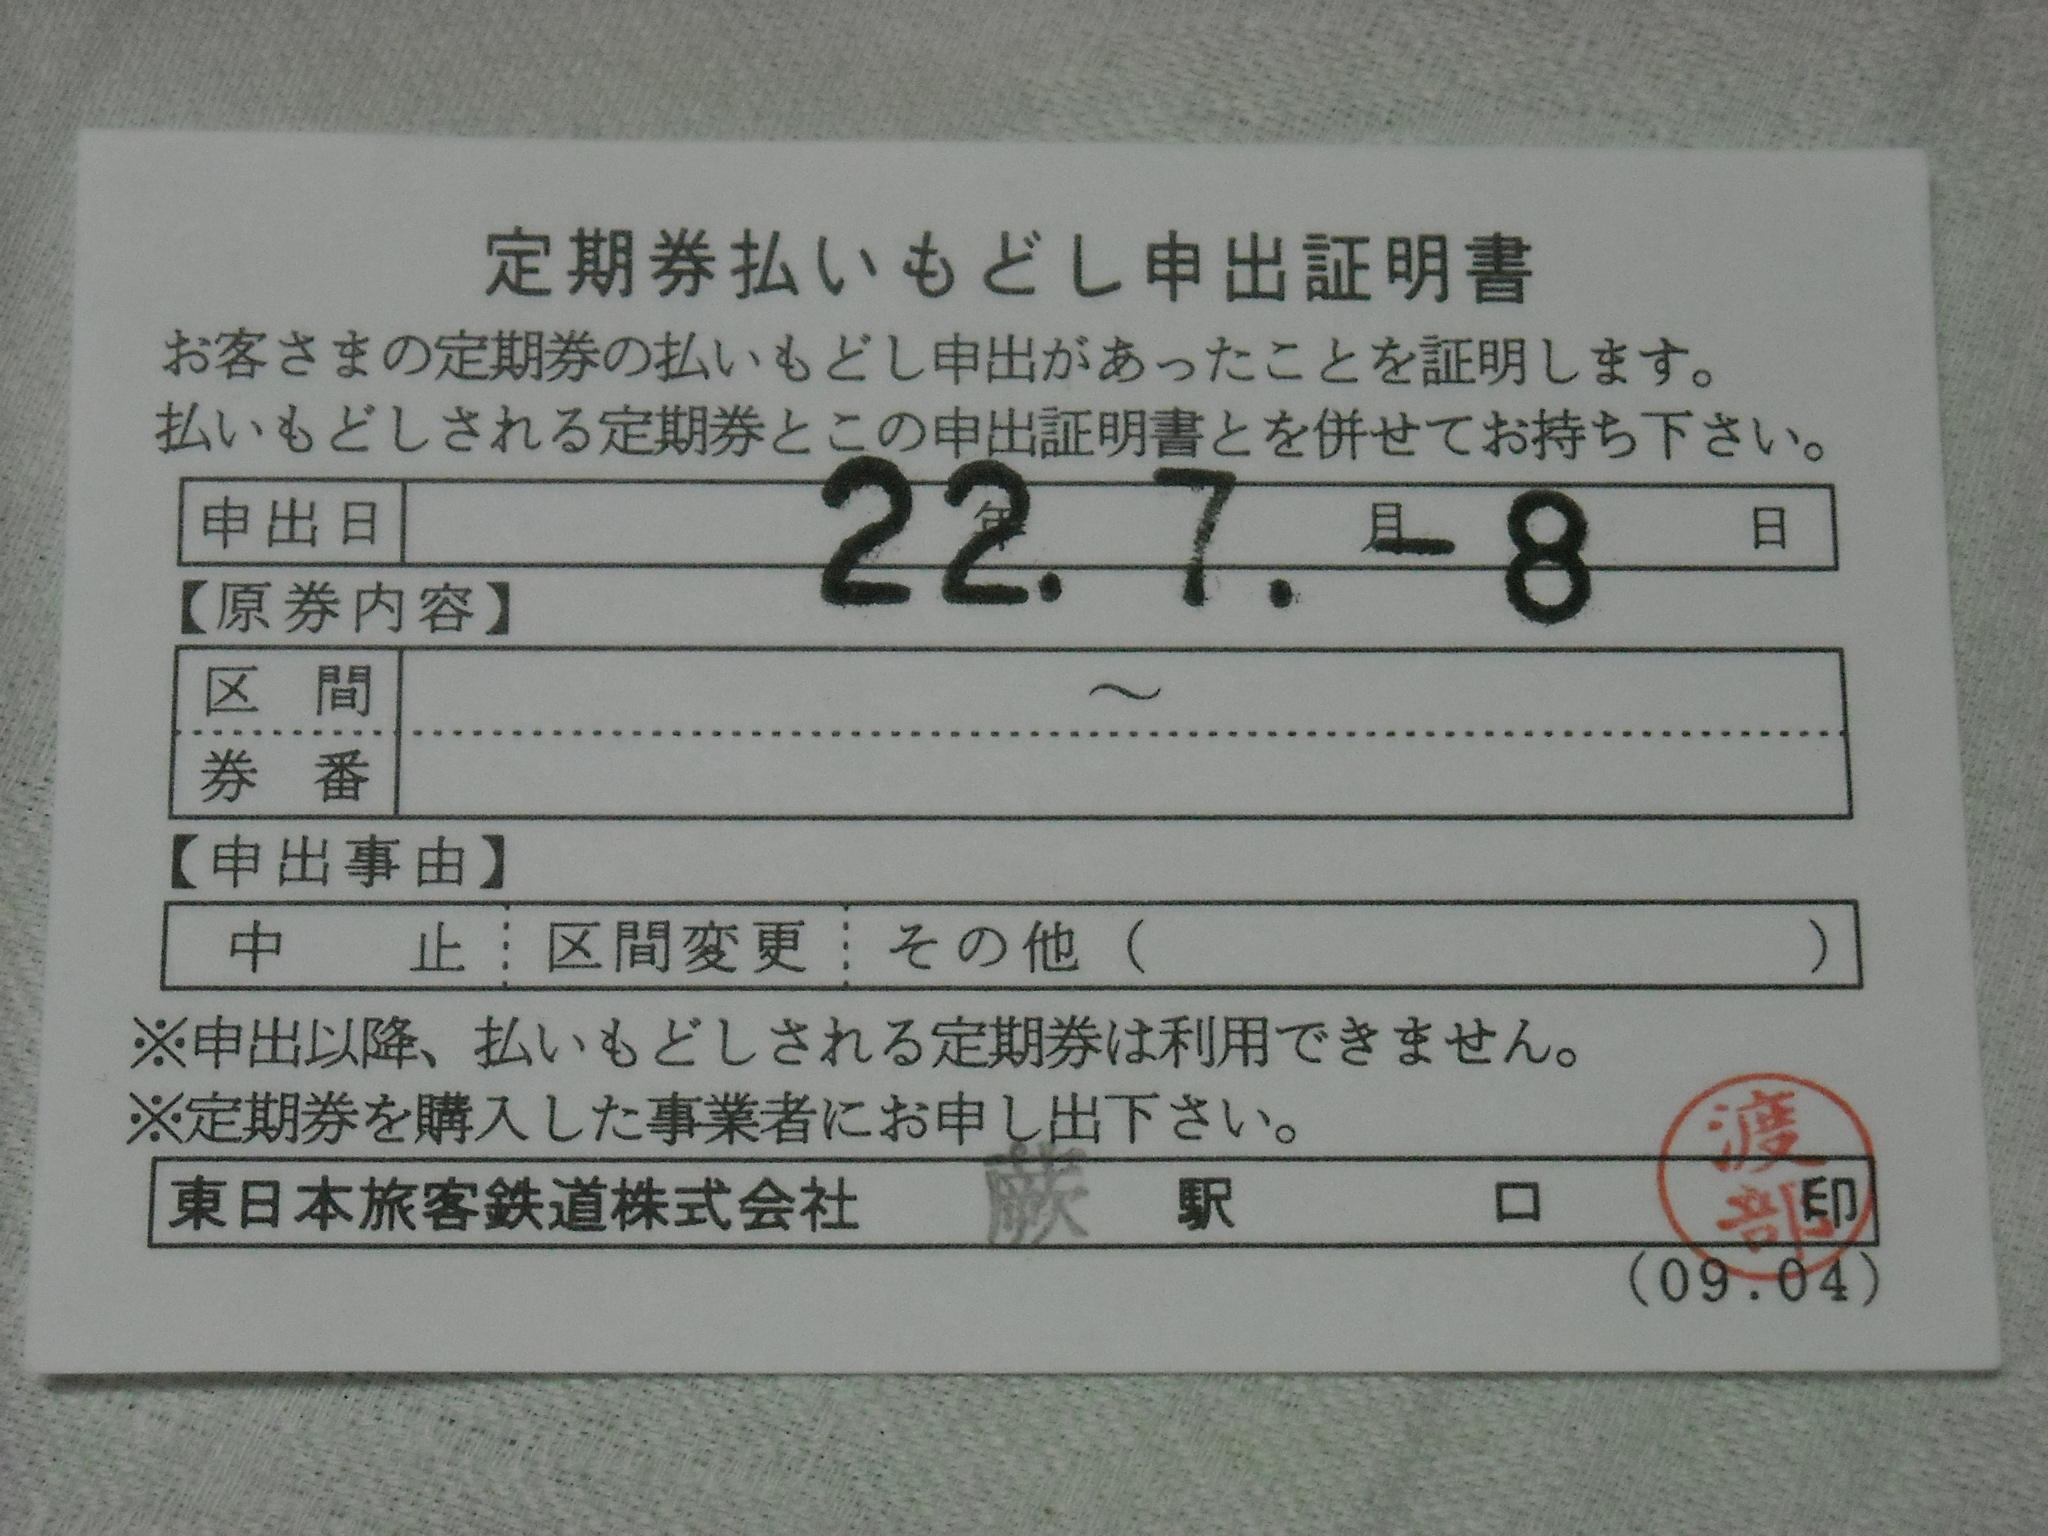 東京 メトロ 定期 券 払い戻し 通勤・通学定期券 PASMO・定期・乗車券